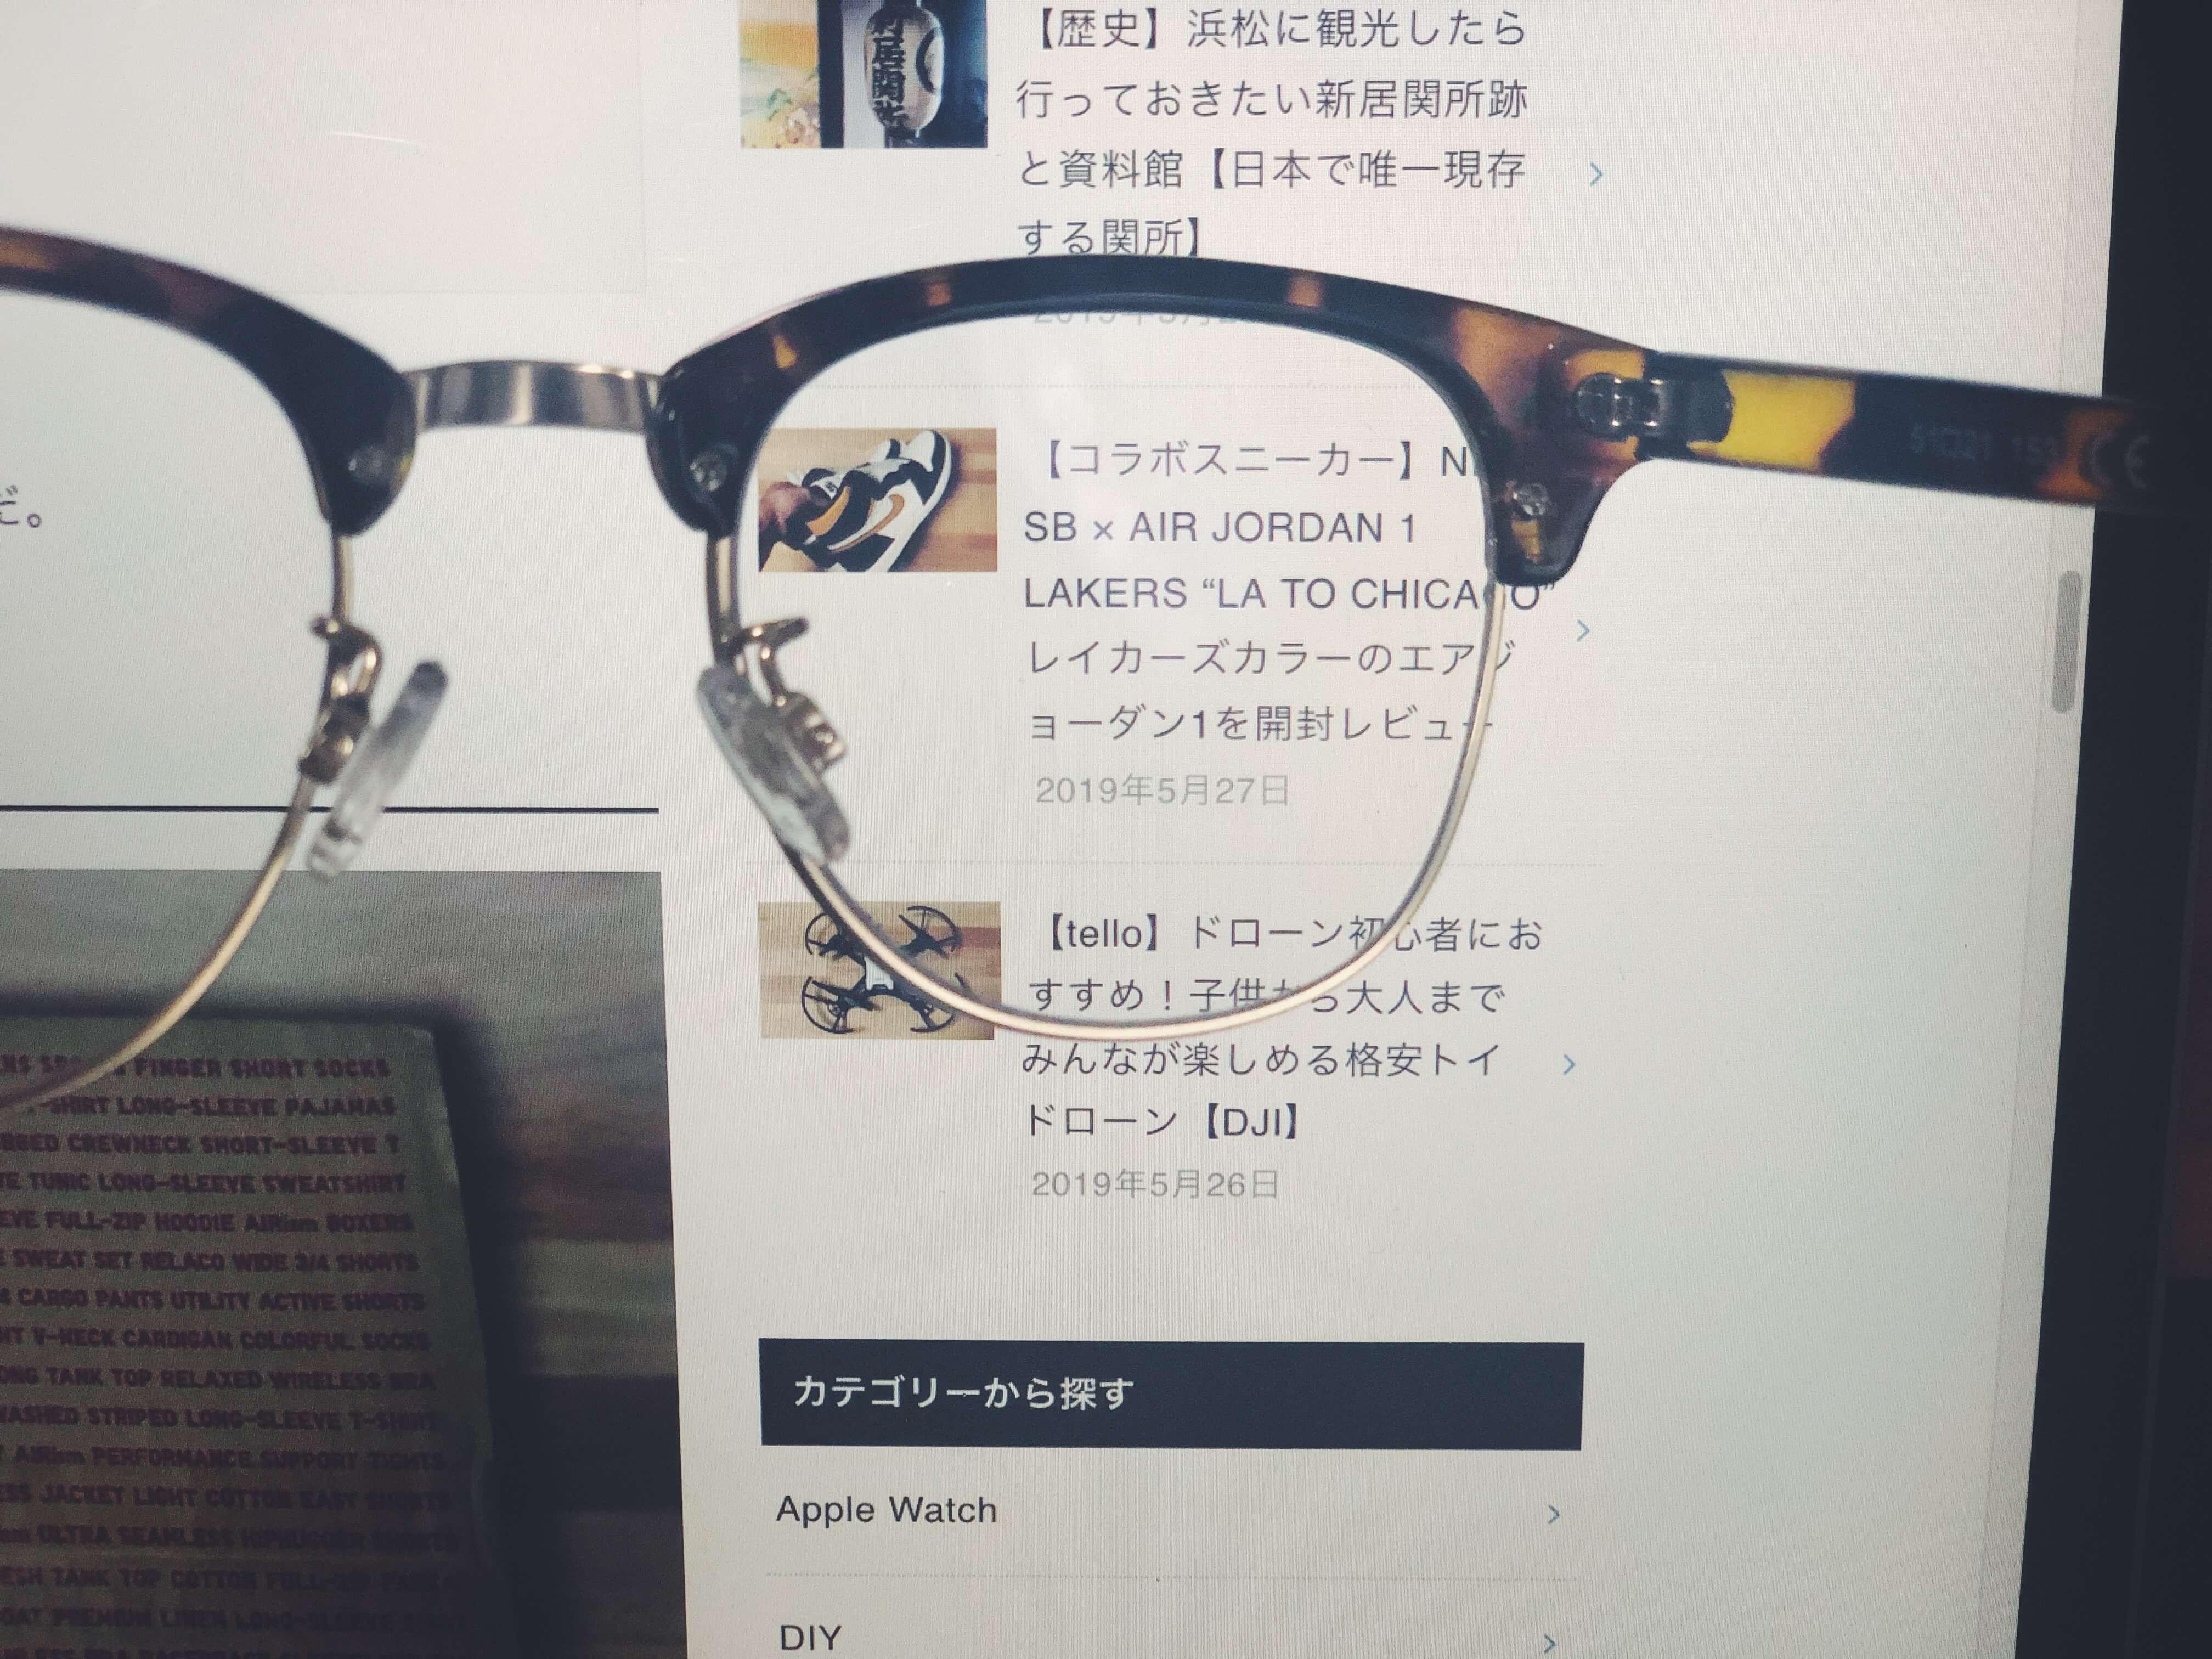 ユニクロのブルーライトカットメガネのブルーライトカットのイメージ